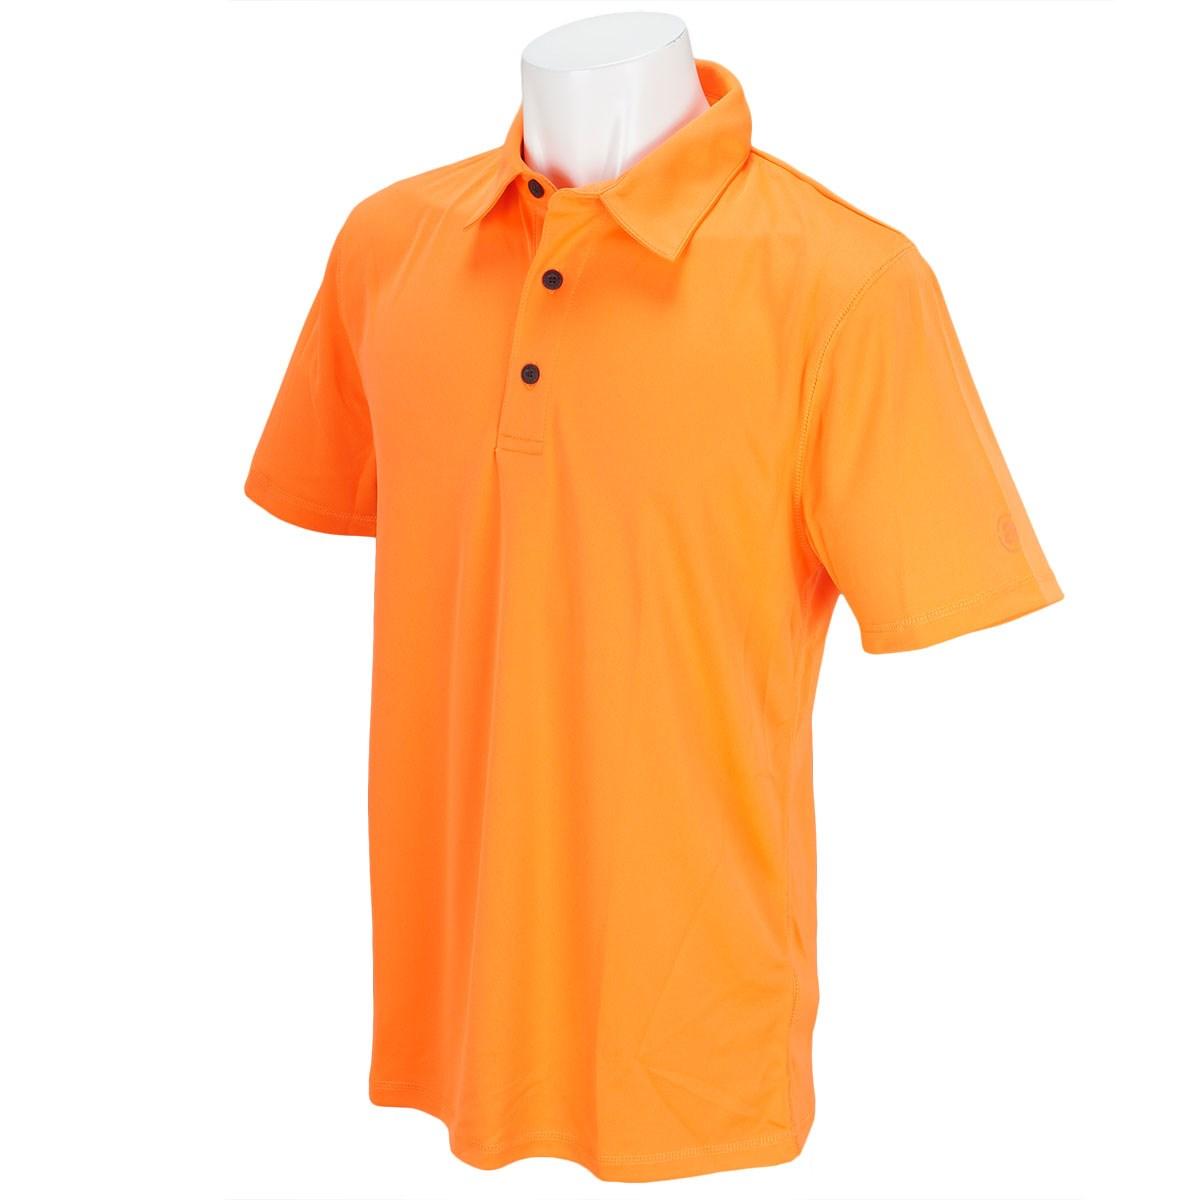 アバカス ABACUS 半袖ポロシャツ S オレンジ/イエロー